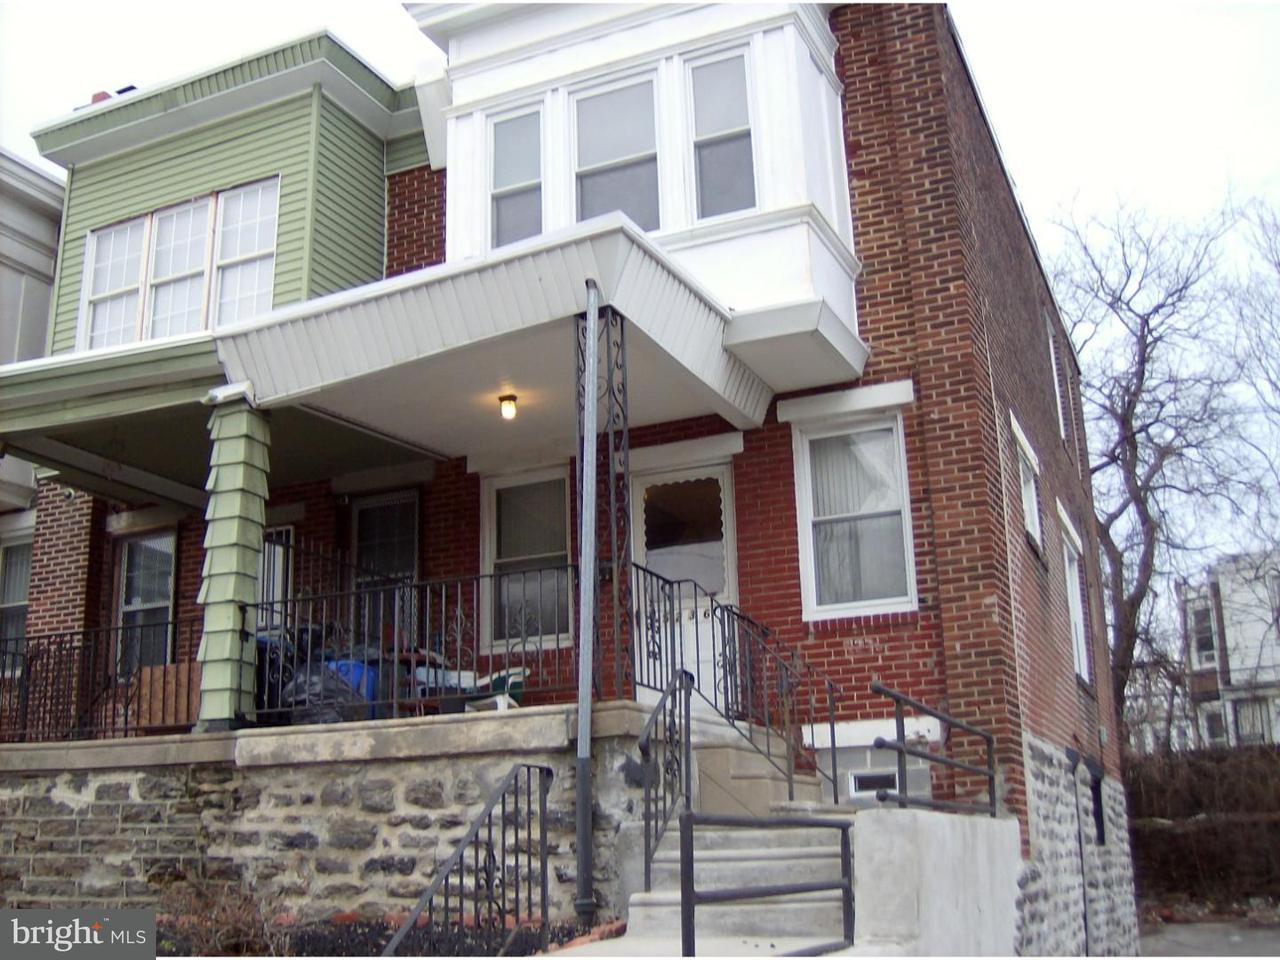 5236 N Hutchinson Philadelphia, PA 19141